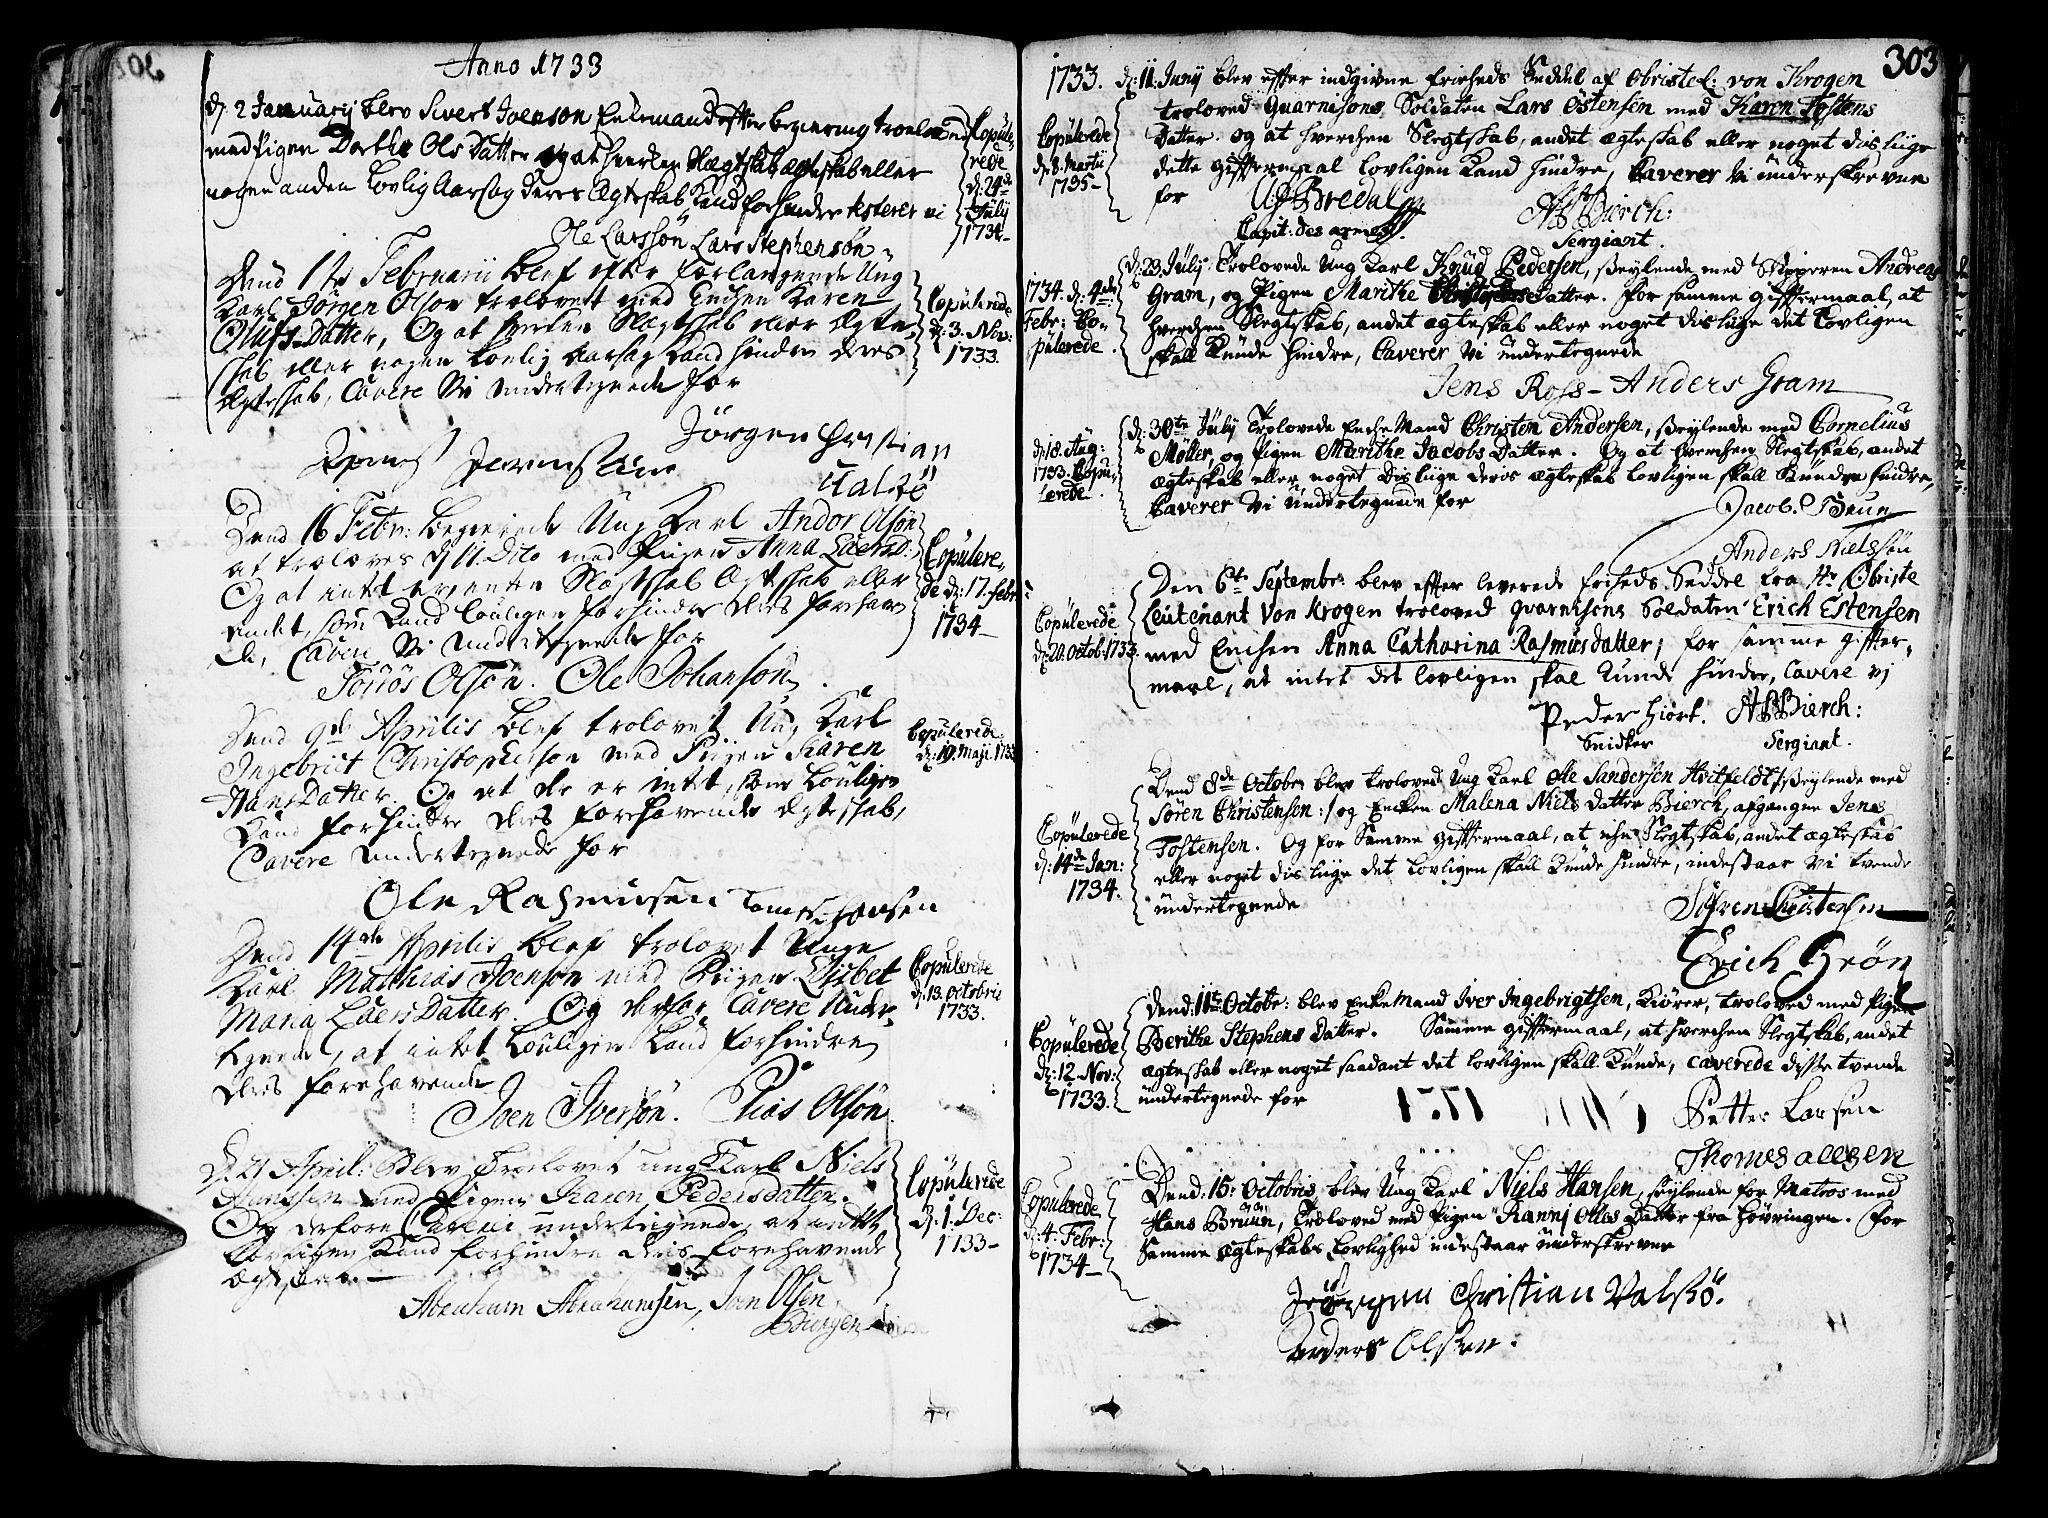 SAT, Ministerialprotokoller, klokkerbøker og fødselsregistre - Sør-Trøndelag, 602/L0103: Ministerialbok nr. 602A01, 1732-1774, s. 303